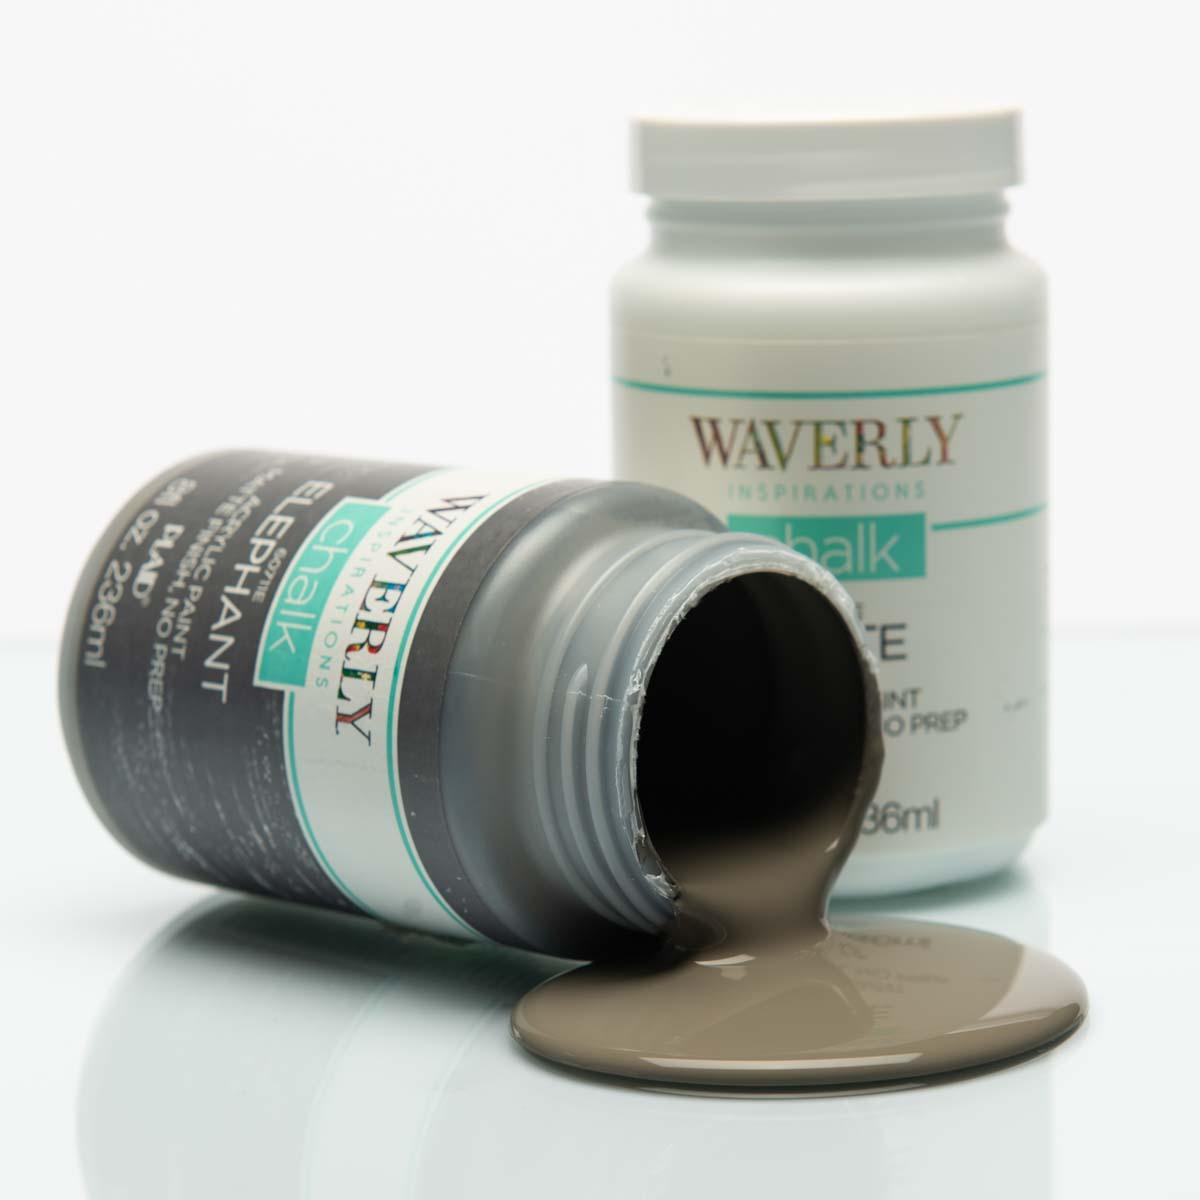 Waverly ® Inspirations Chalk Finish Acrylic Paint Set - White, Elephant, Ink, 3 pc. - 13405